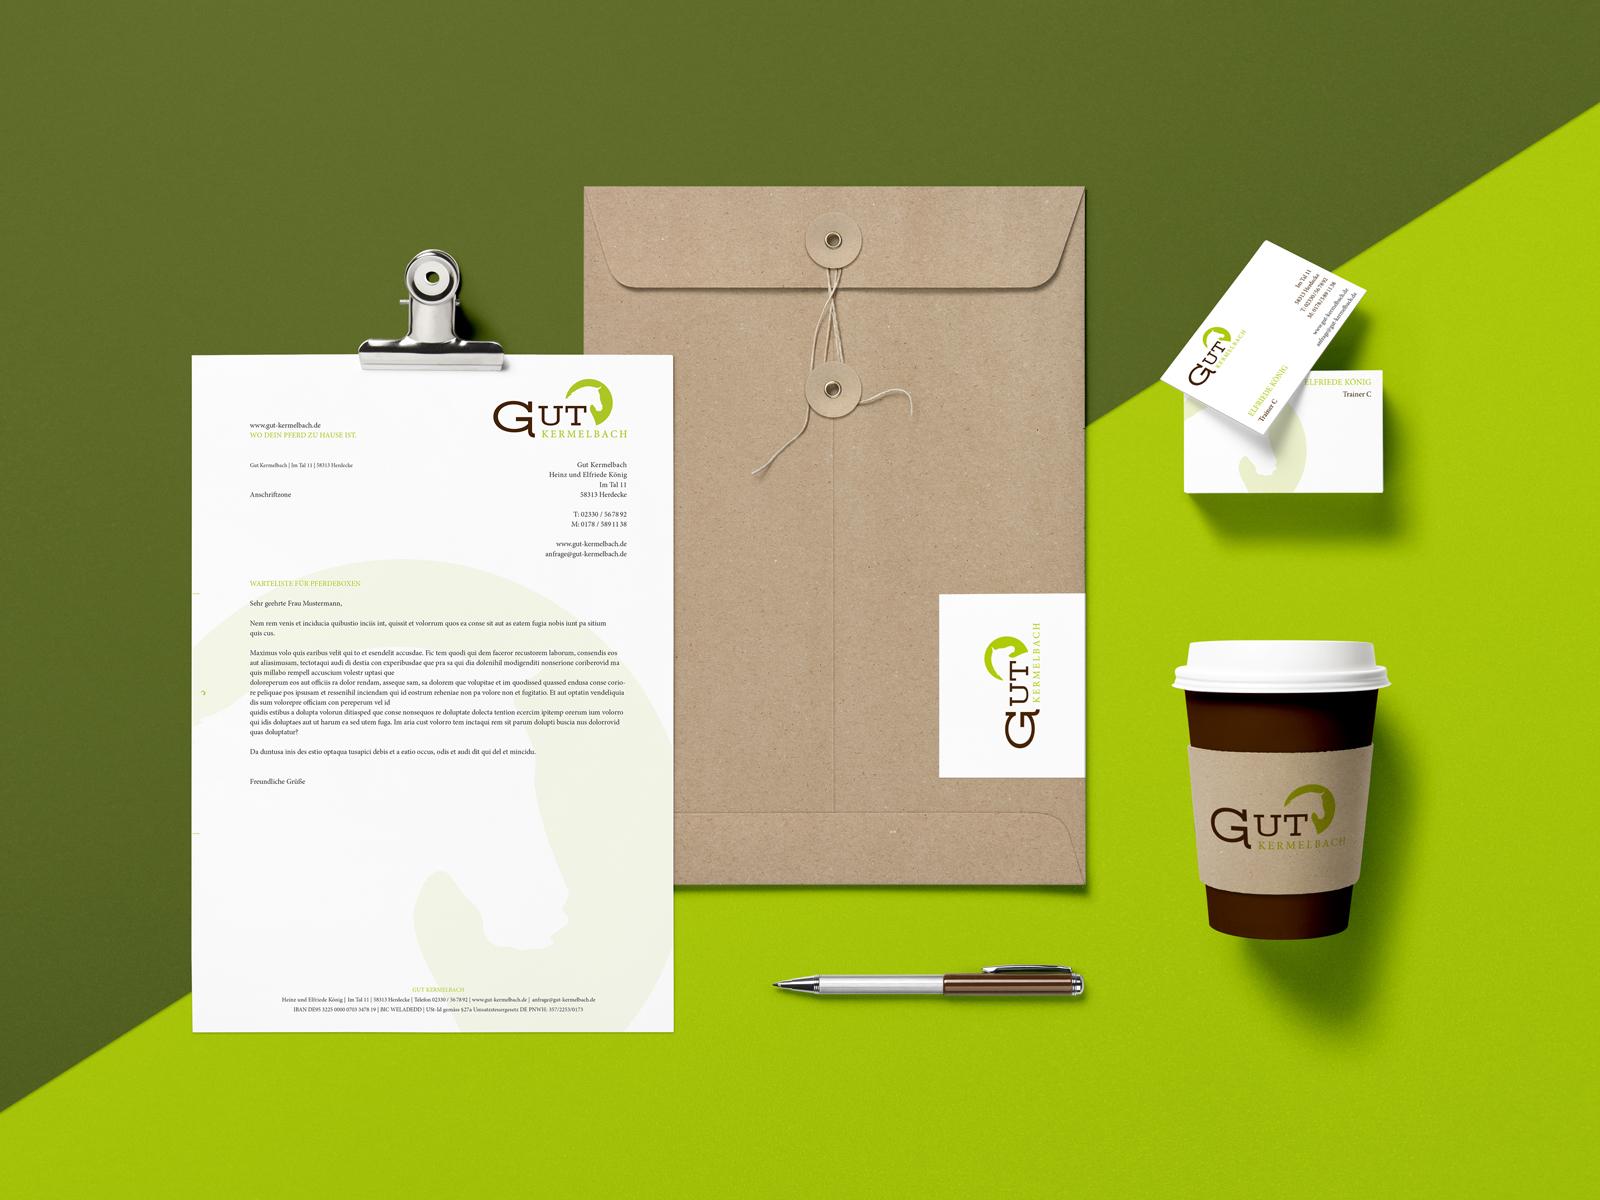 Corporate und Grafikdesign aus Witten